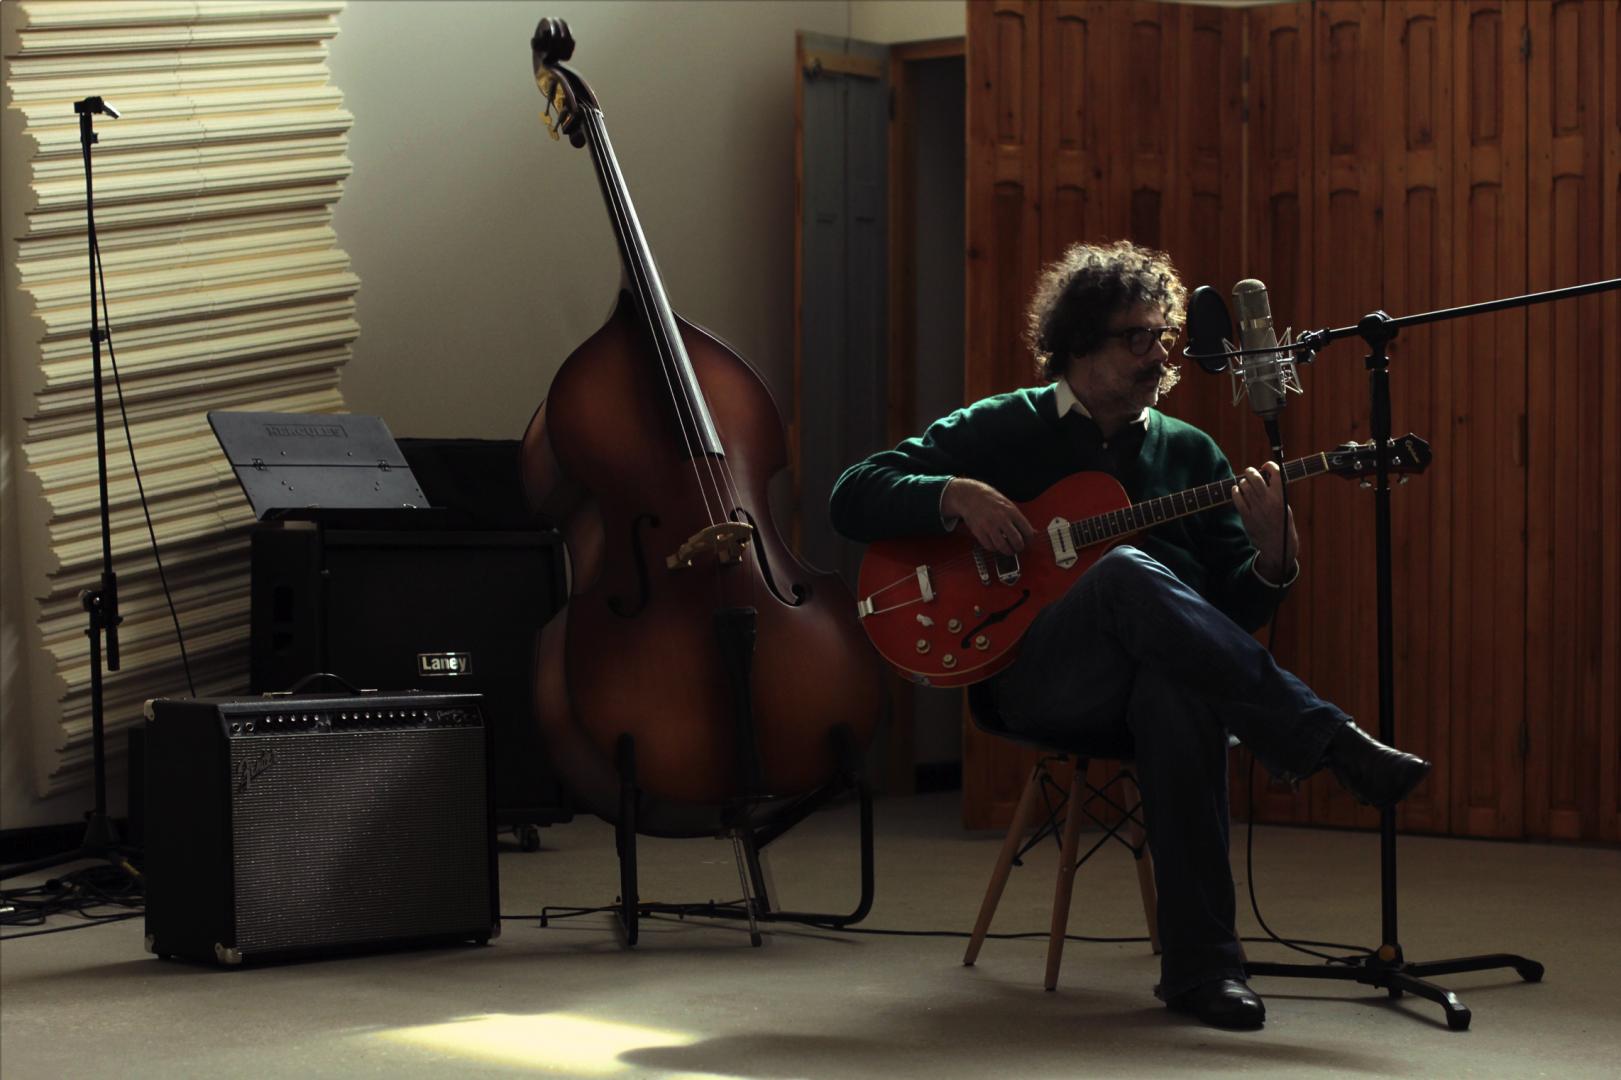 Santiago Tavella en su estudio de grabación.Foto por Celeste Carnevale